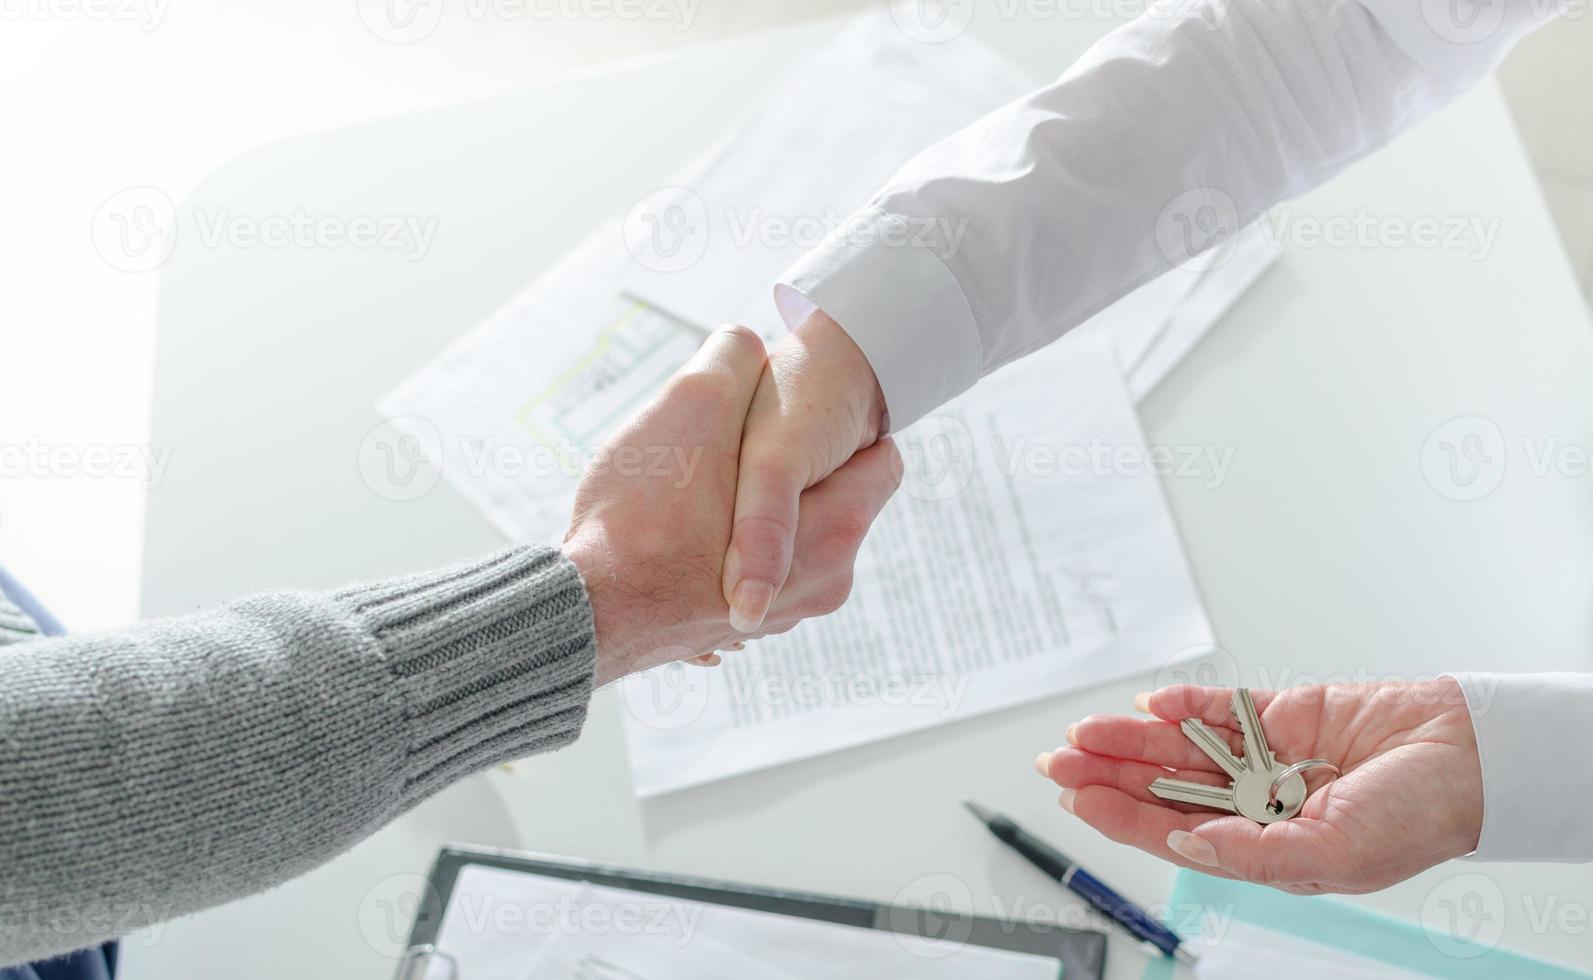 Maklerin schüttelt ihrem Kunden die Hand foto